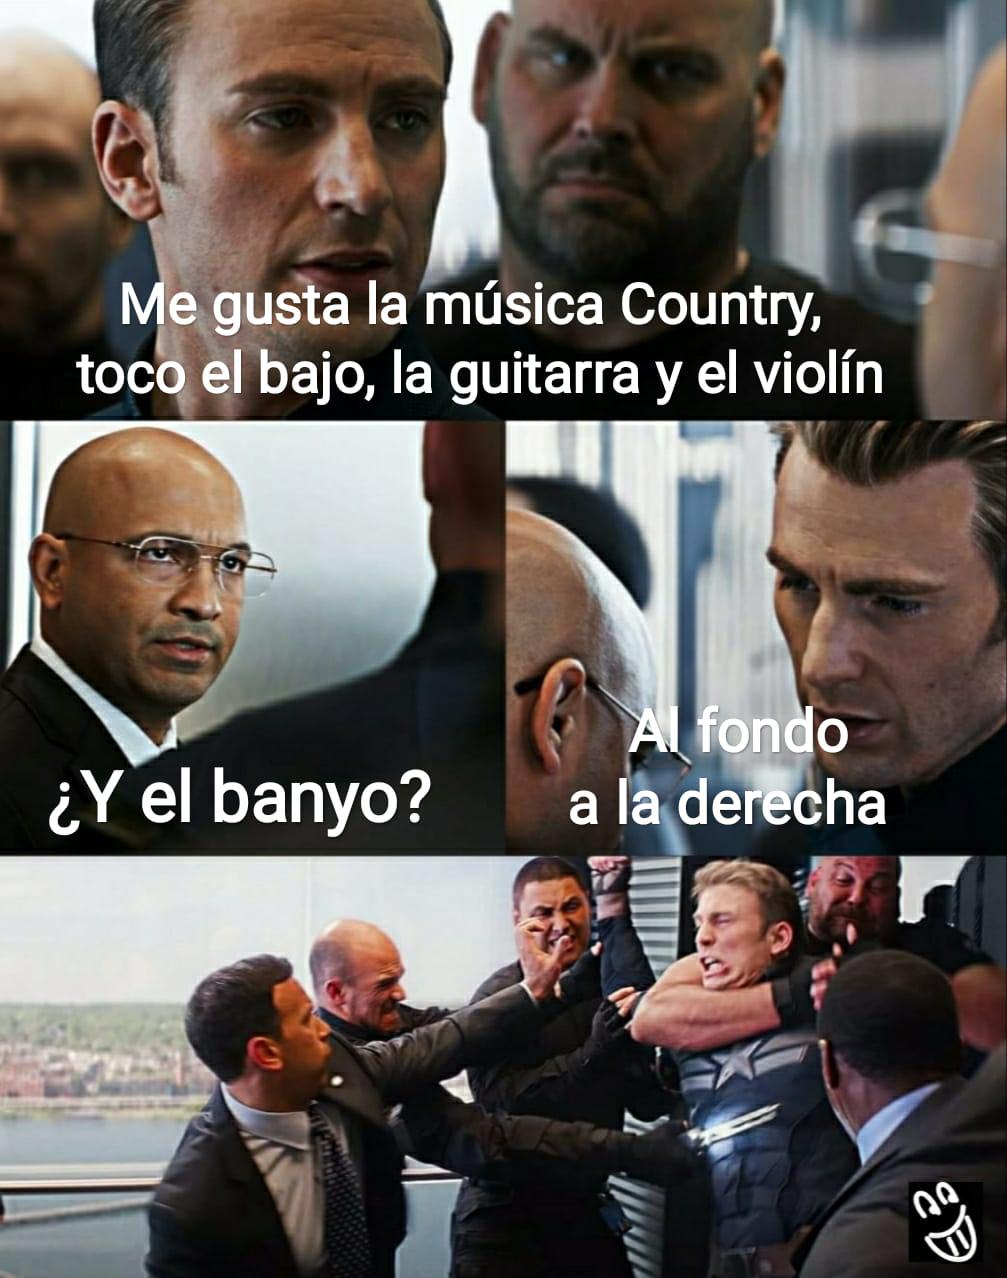 Meme Capitán América música country guitarra violín banyo